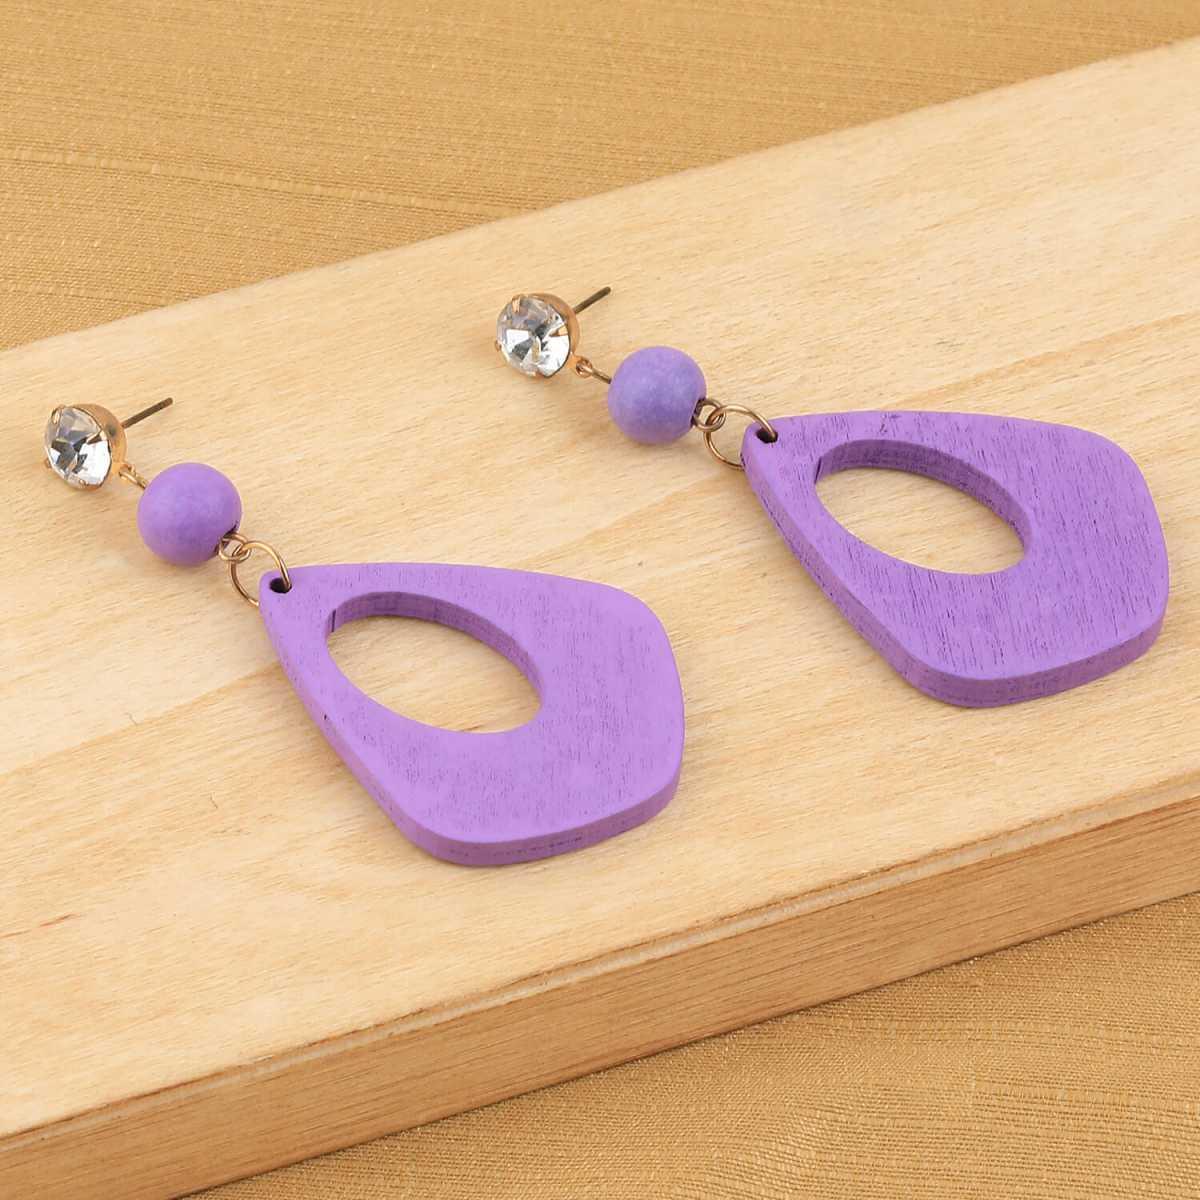 SILVER SHINE Charm designer Diamond Purple Wooden Light Weight Dangler Earrings For Girls and Women …